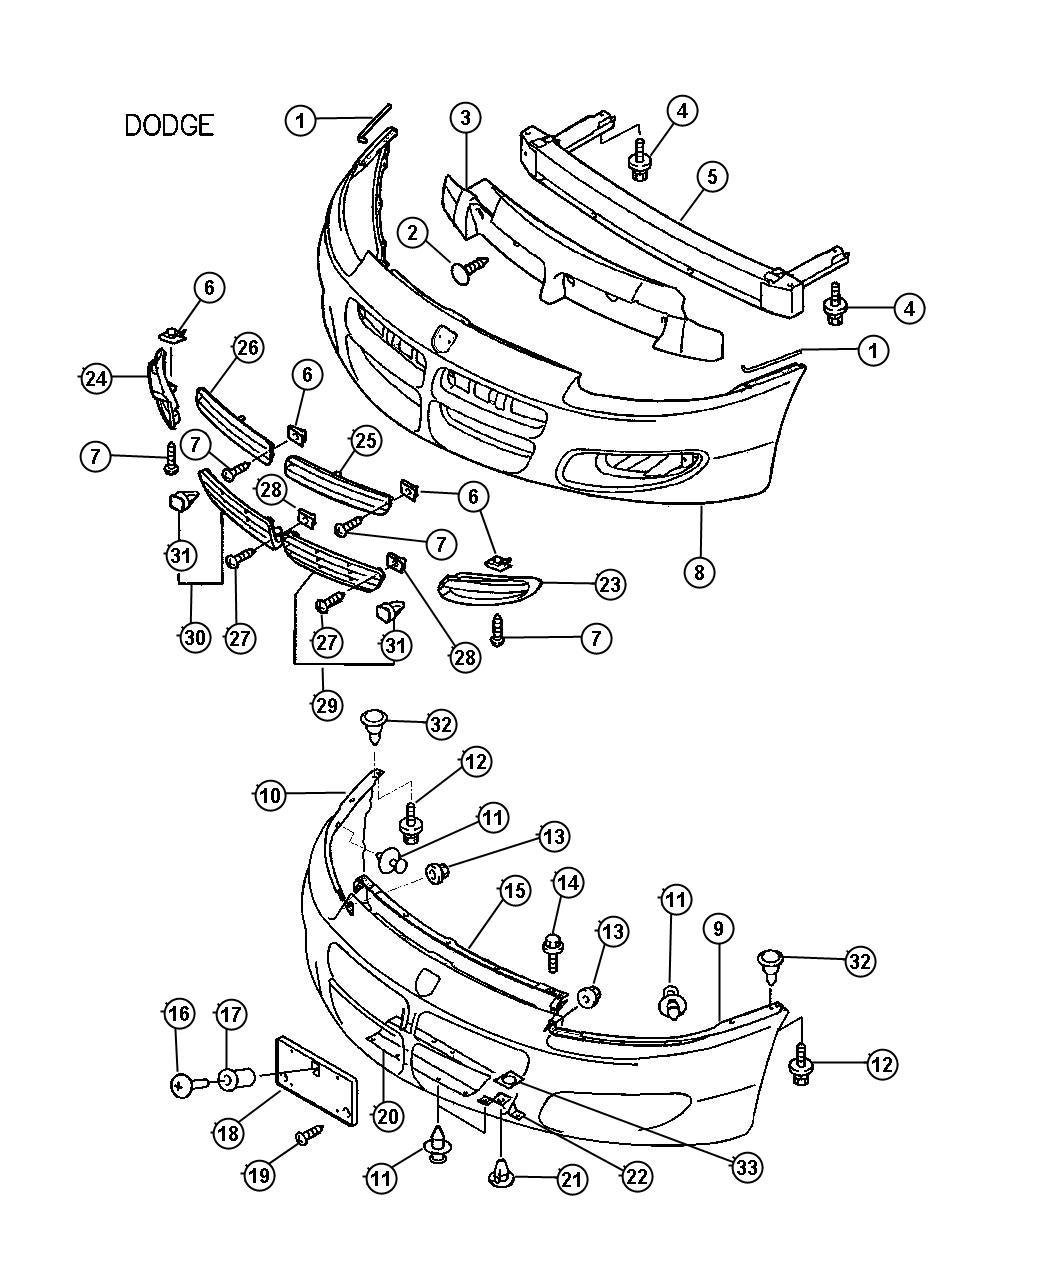 1997 toyota land cruiser wiring diagram 7 plug trailer 1994 brake html